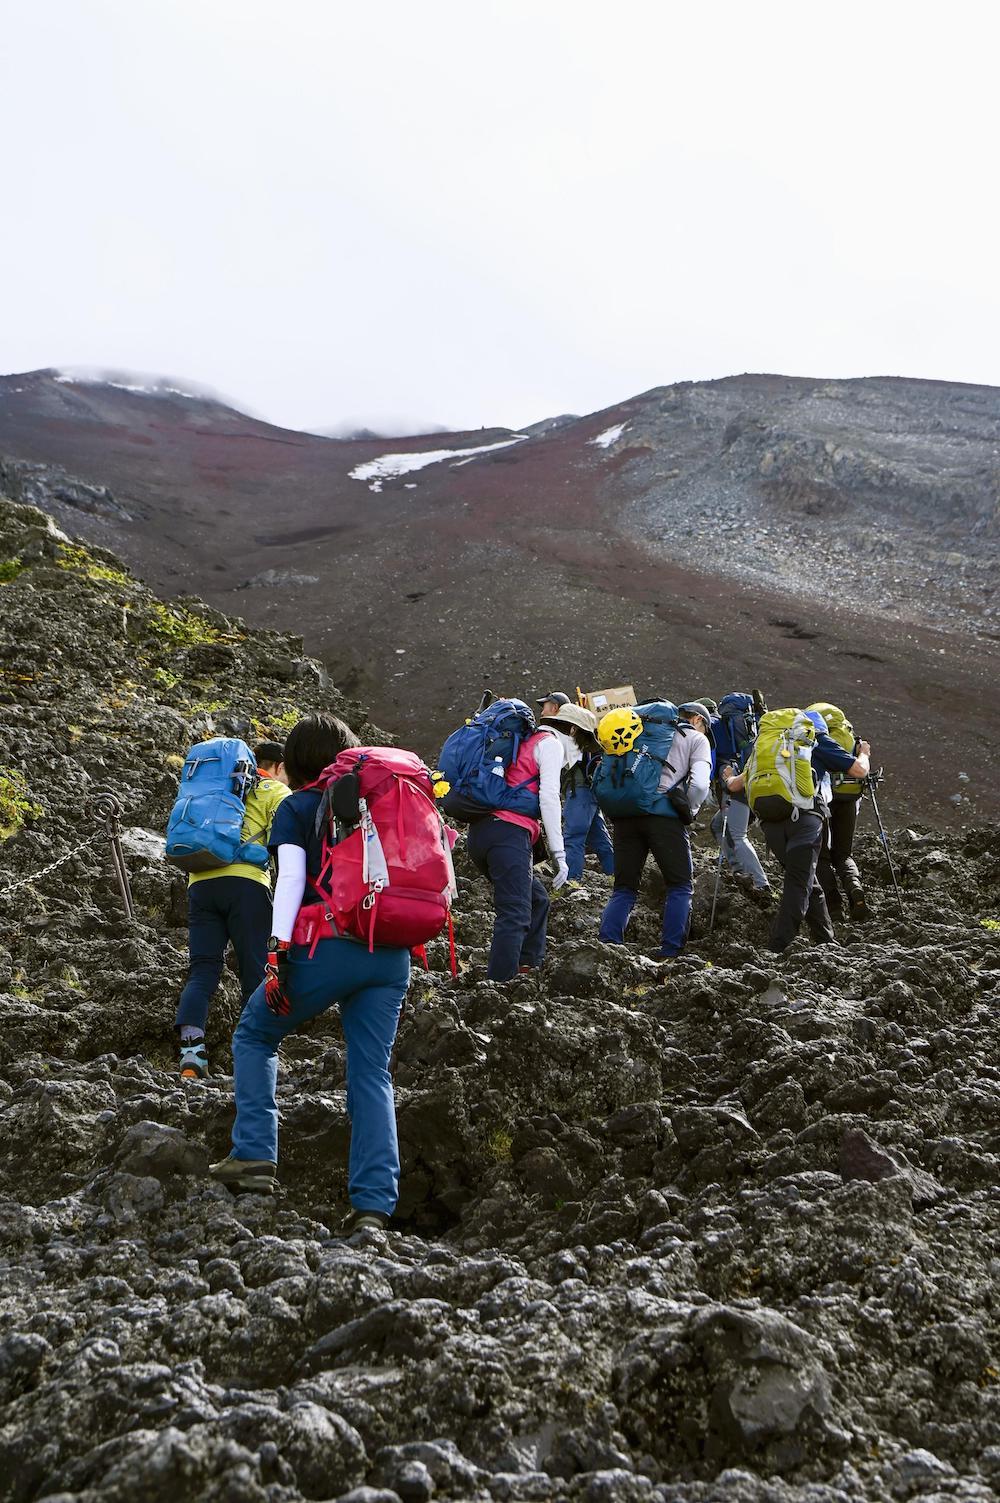 当地时间2021年6月30日,日本东京,人们开始在山梨县一侧攀登富士山。此前由于新冠疫情,日本最高峰对公众关闭。 视觉中国 图